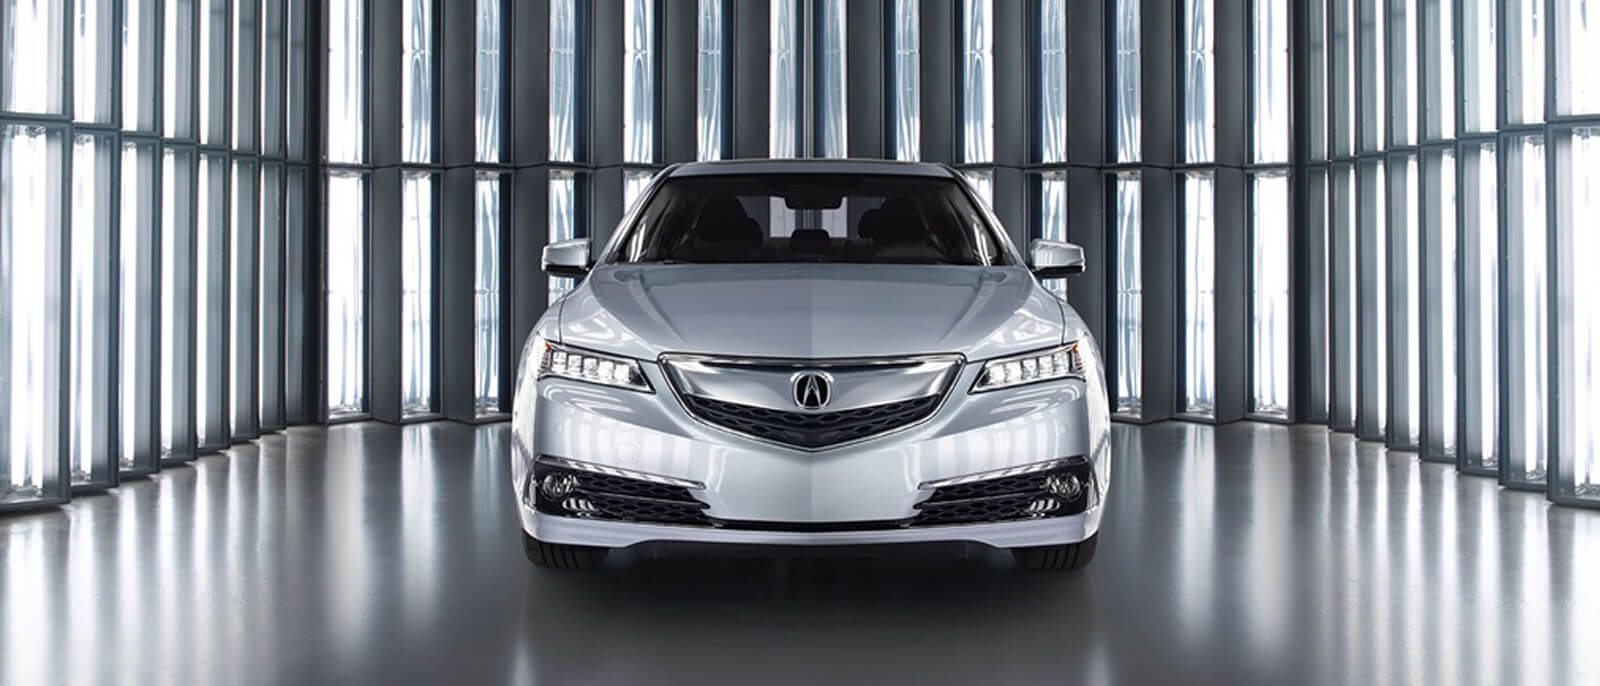 2017-Acura-TLX-Slide1